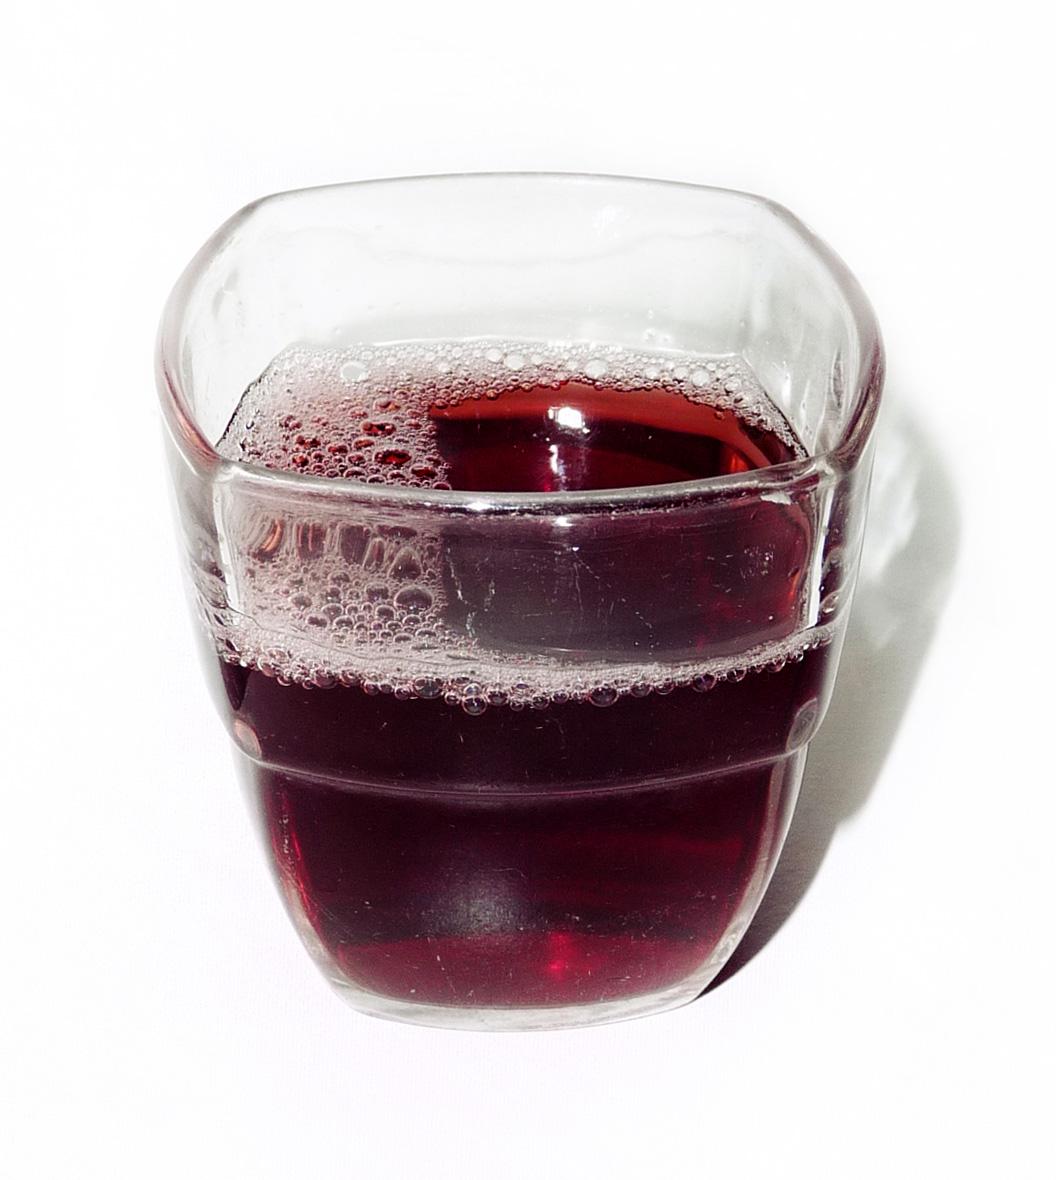 File:Glass of grape juice.jpeg - Wikimedia Commons